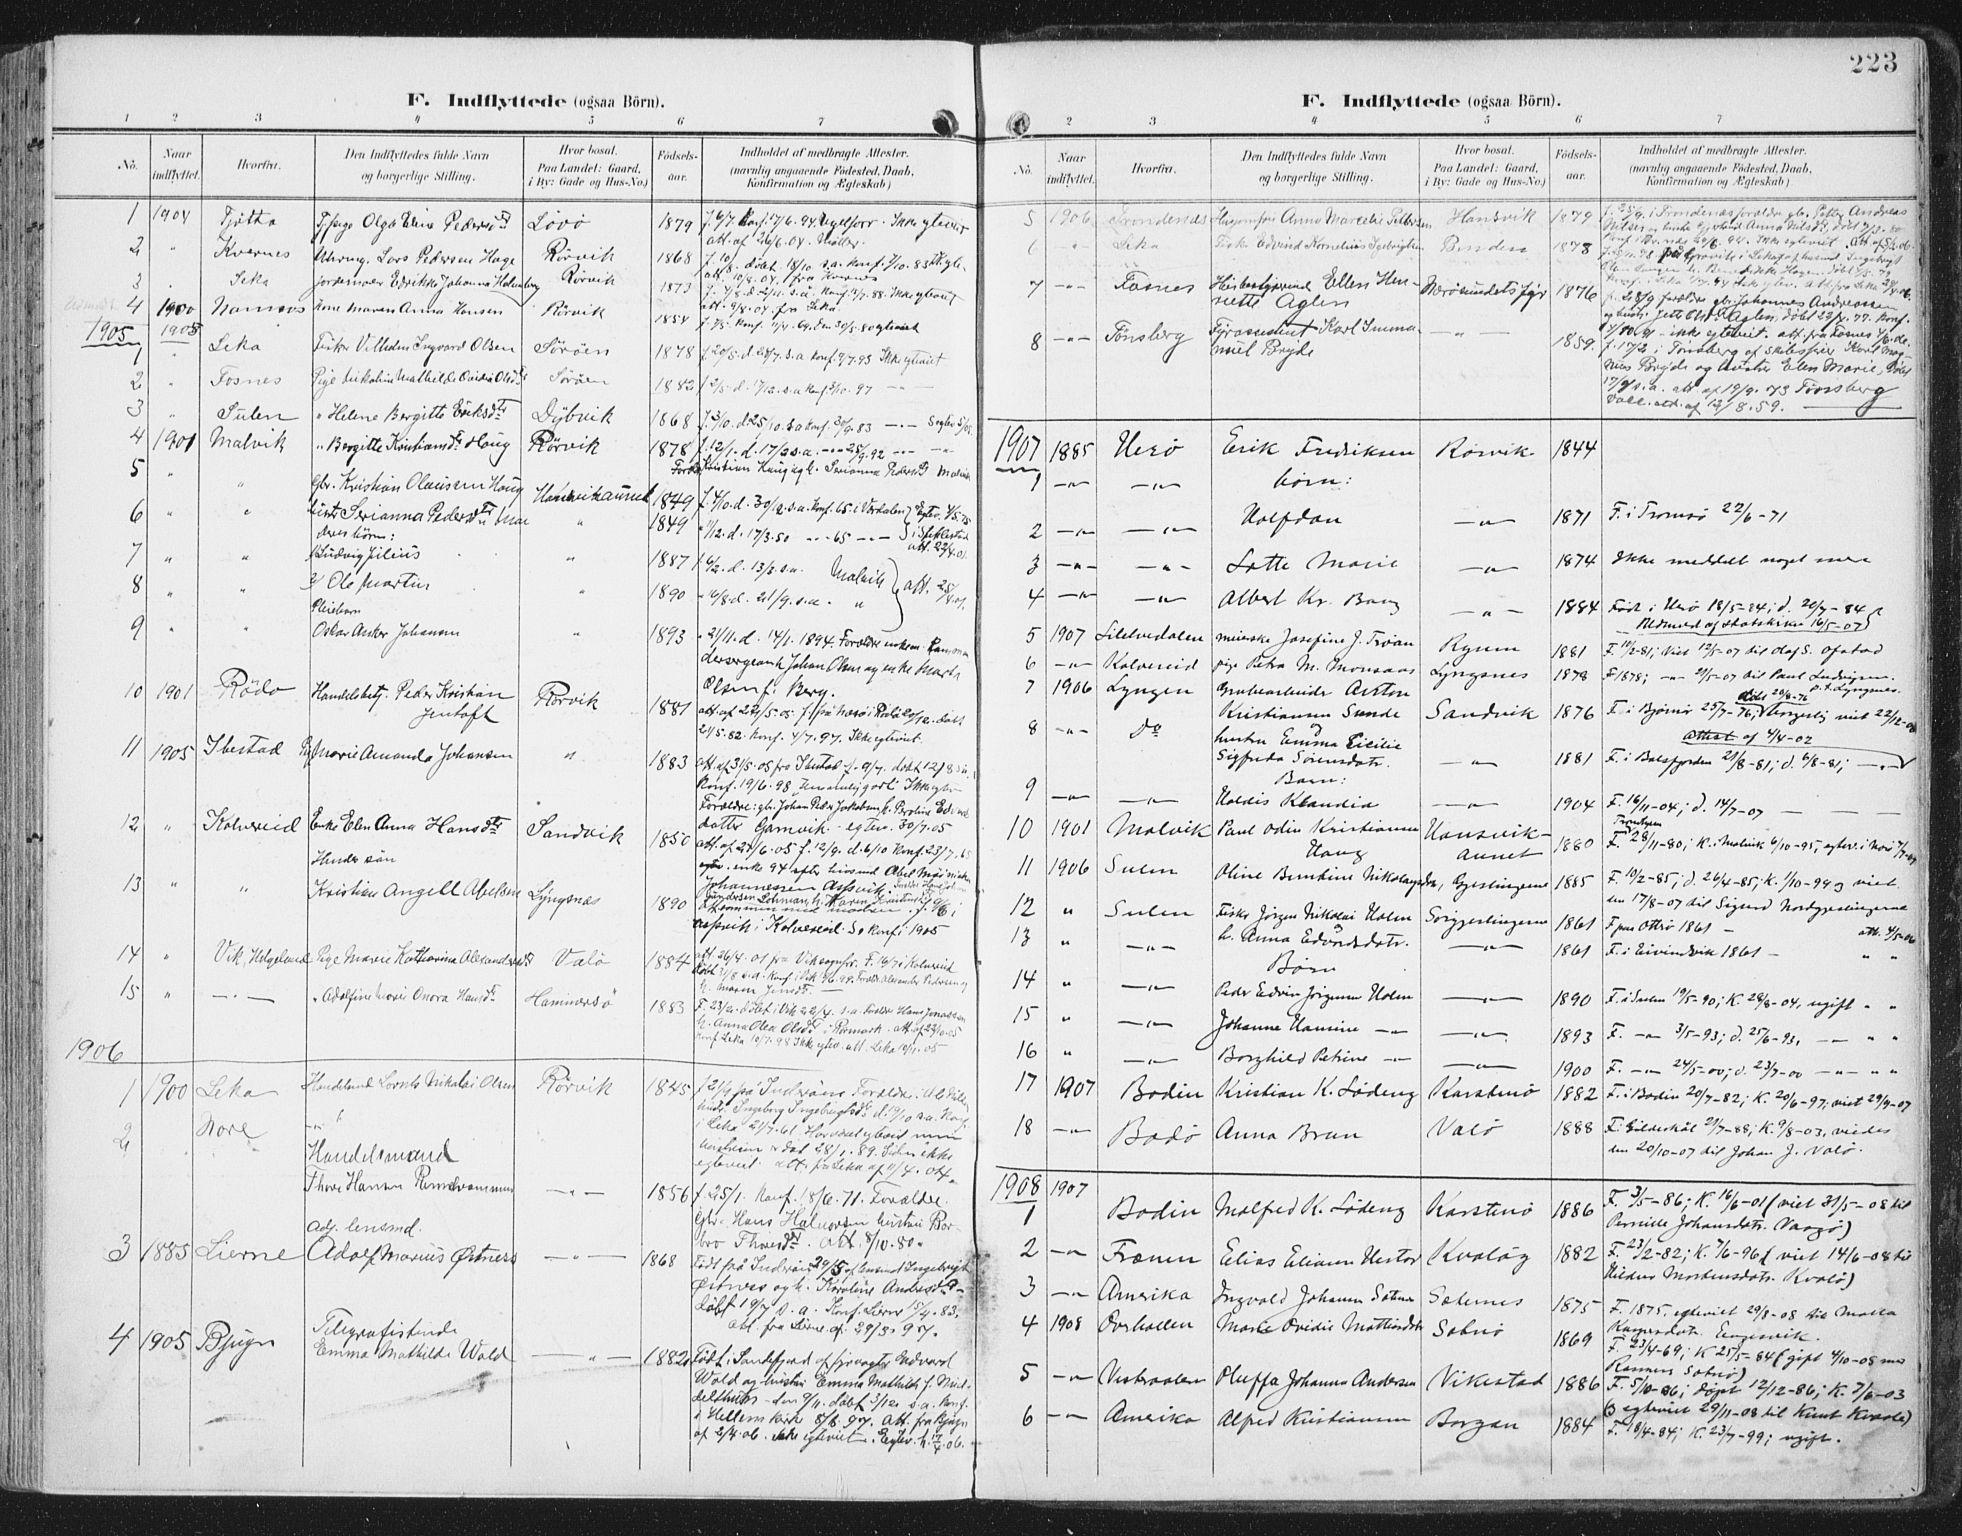 SAT, Ministerialprotokoller, klokkerbøker og fødselsregistre - Nord-Trøndelag, 786/L0688: Ministerialbok nr. 786A04, 1899-1912, s. 223